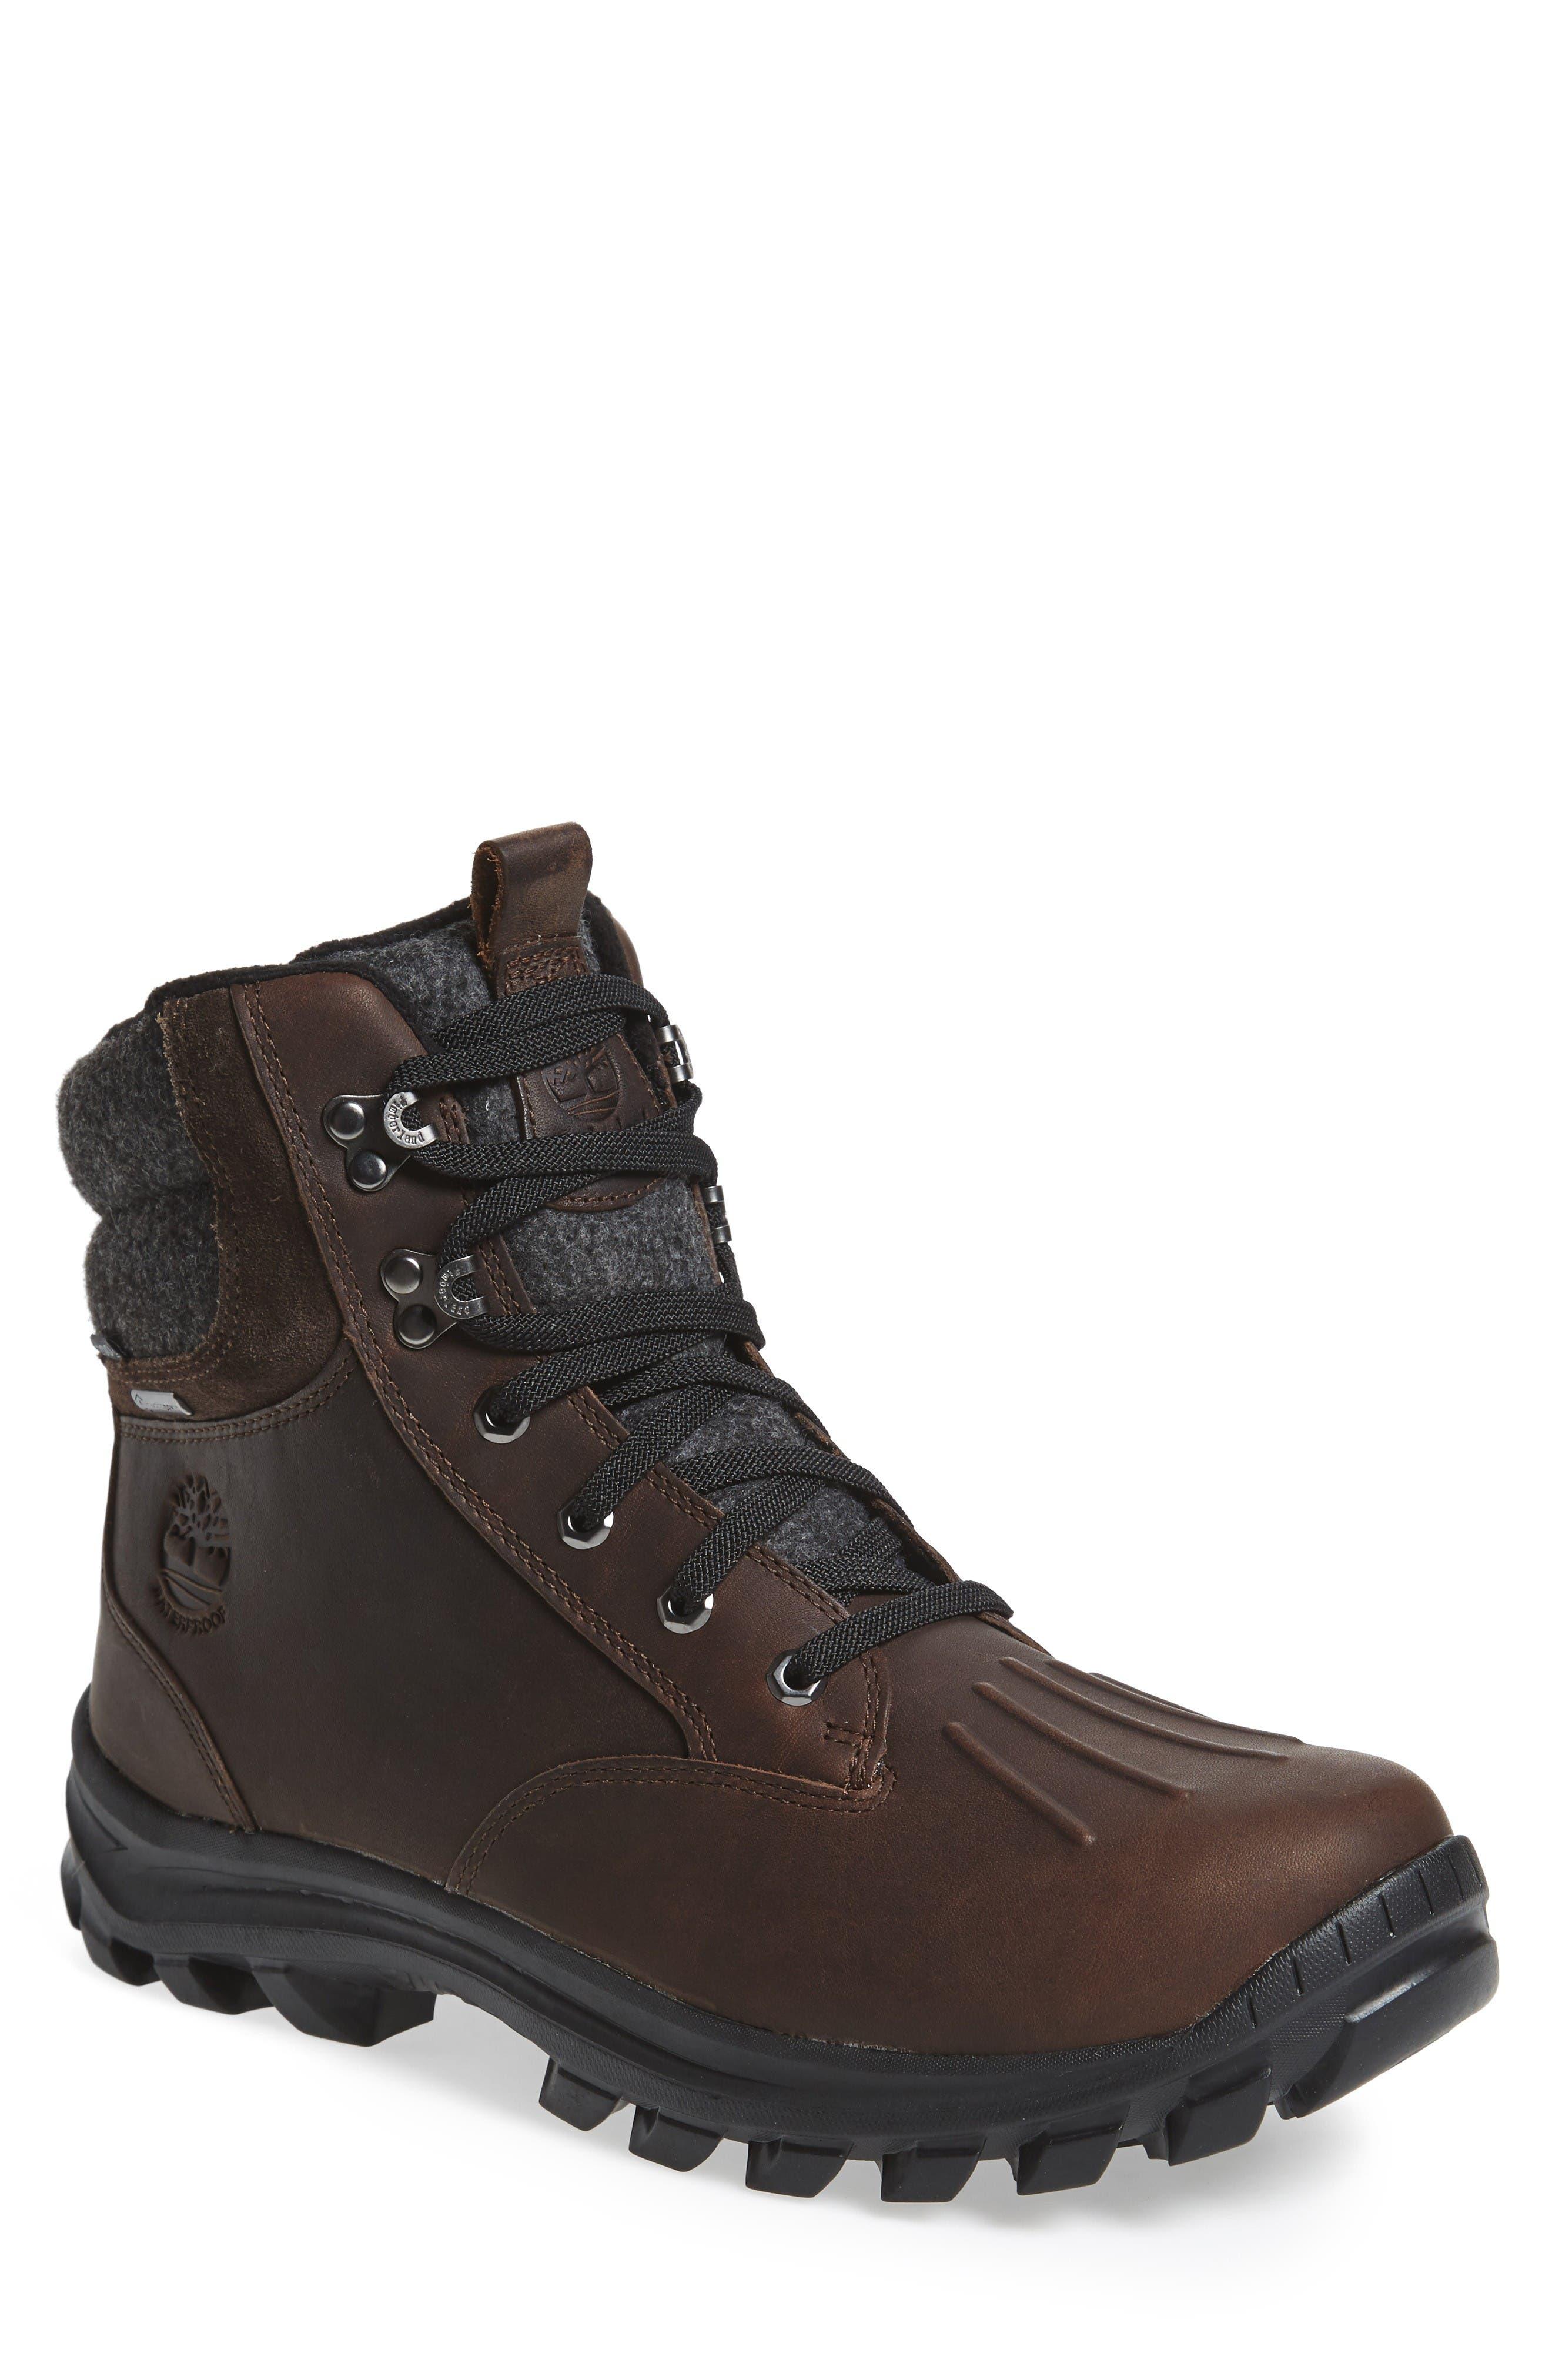 Main Image - Timberland Chillberg Mid Waterproof Snow Boot (Men)